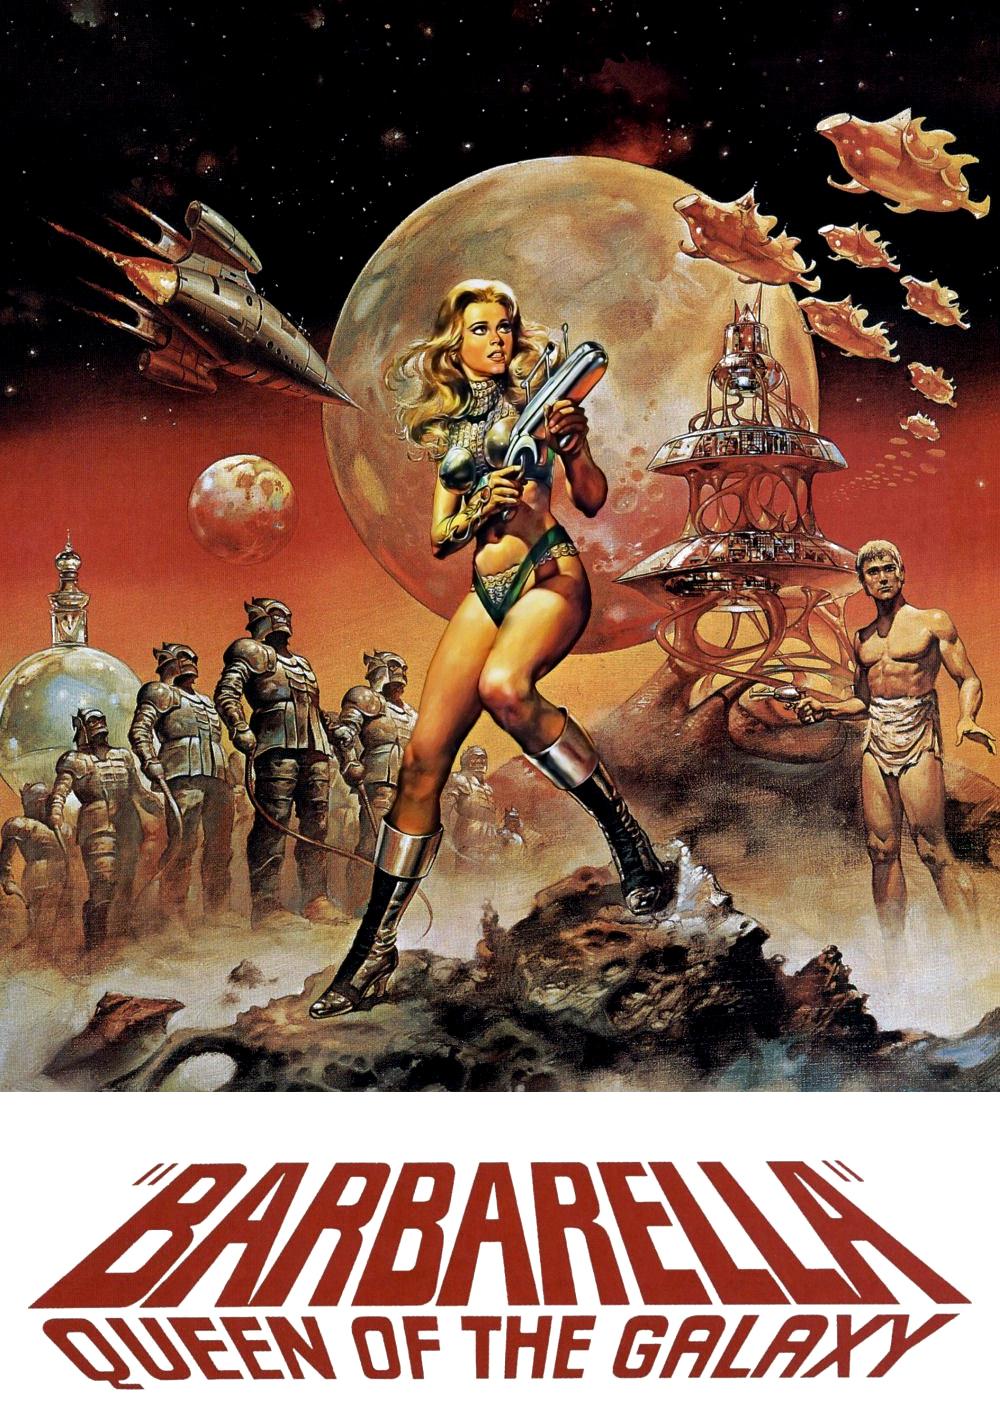 Barbarella film